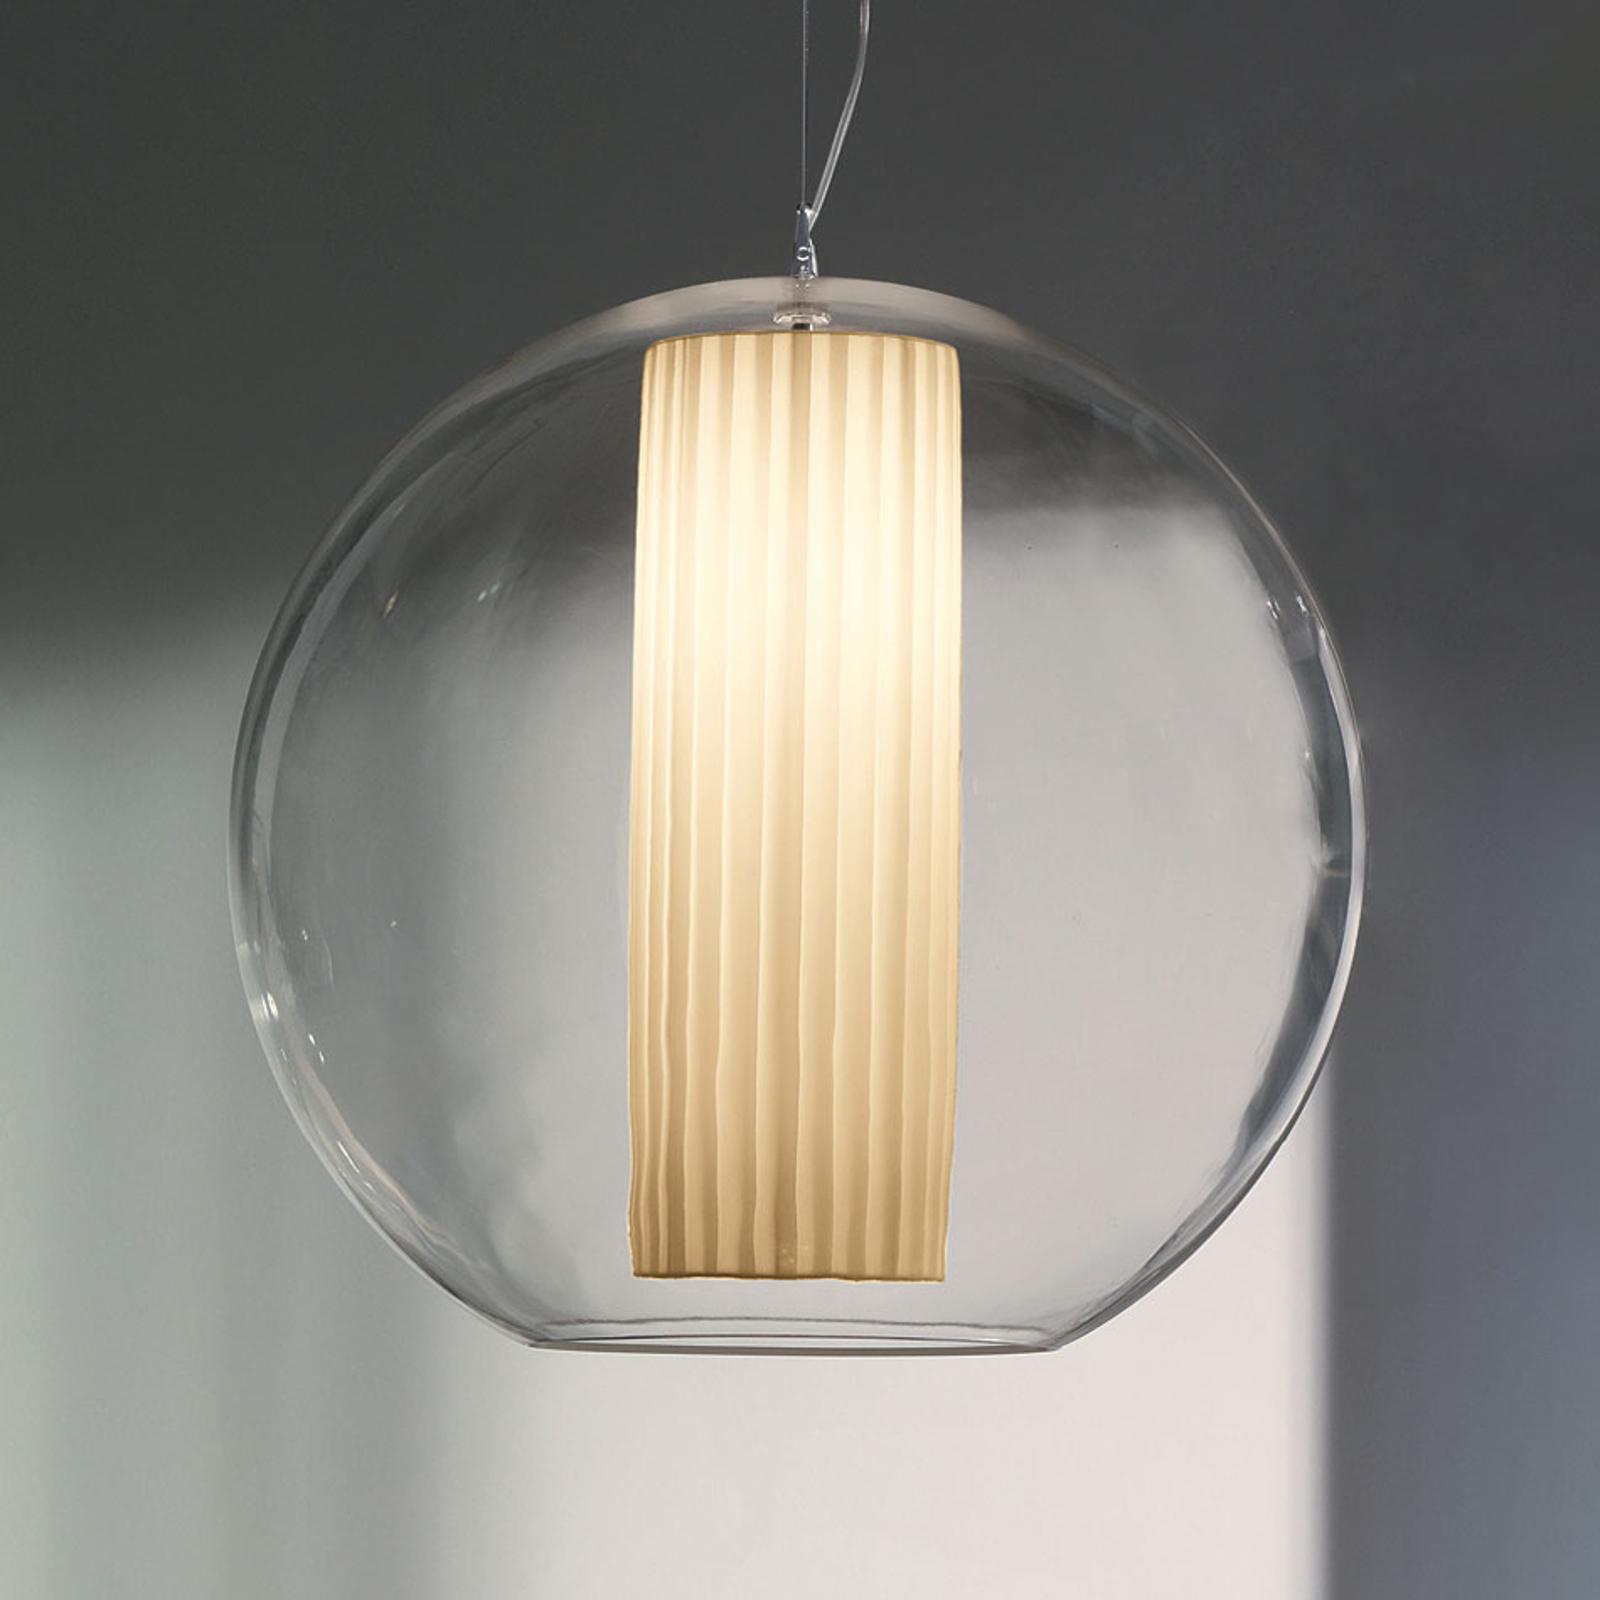 Modo Luce Bolla riippuvalaisin, valkoinen Ø 60 cm